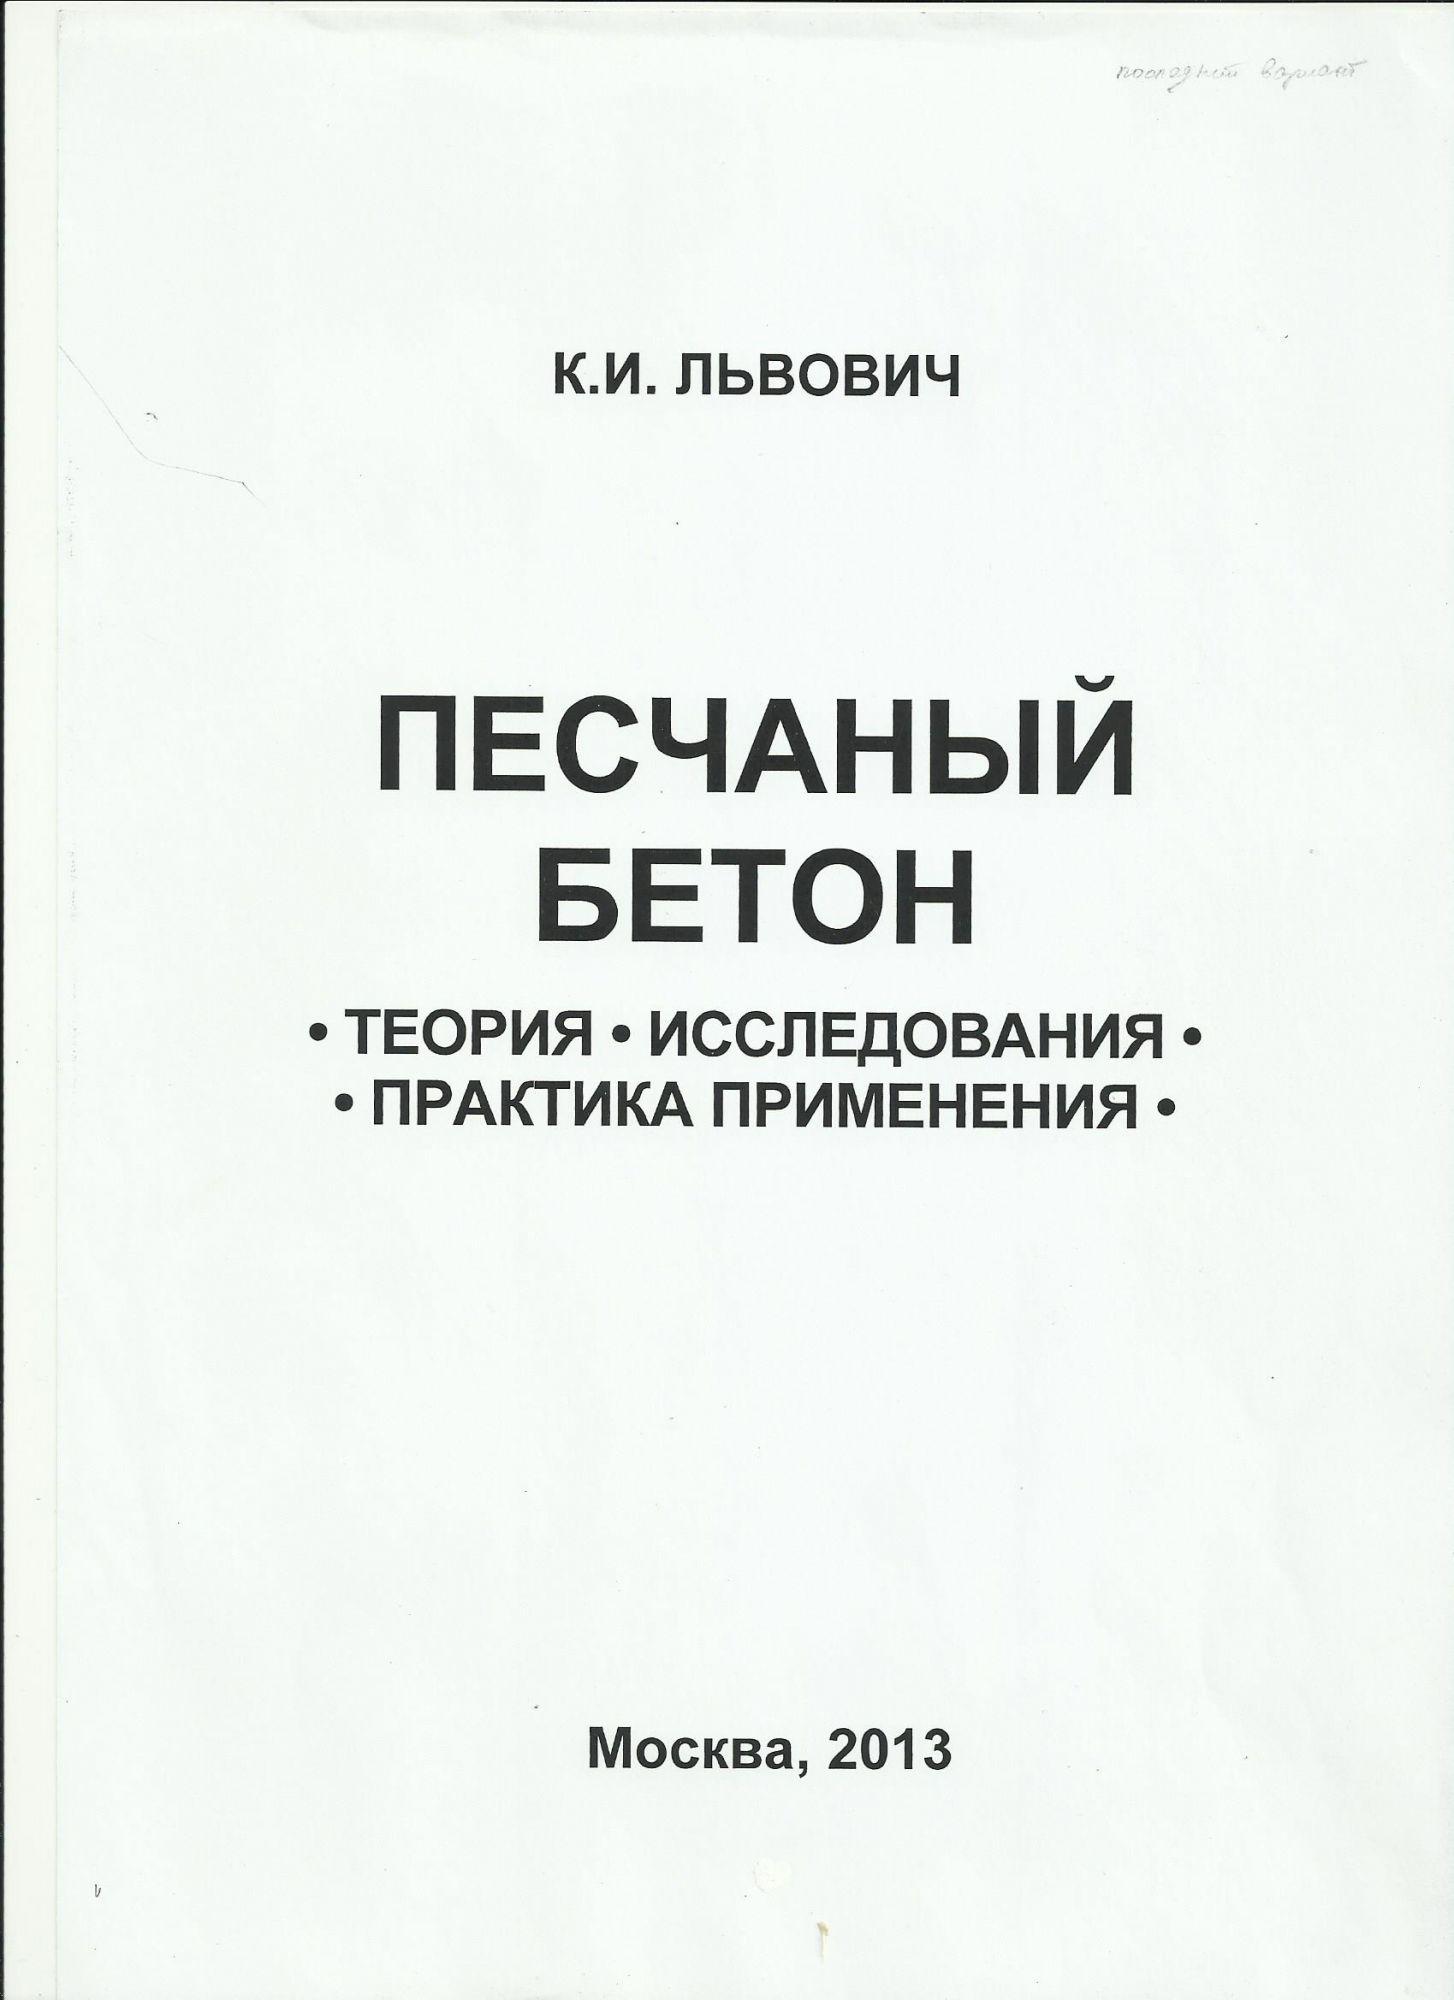 Песчанный бетон институт бетона москва